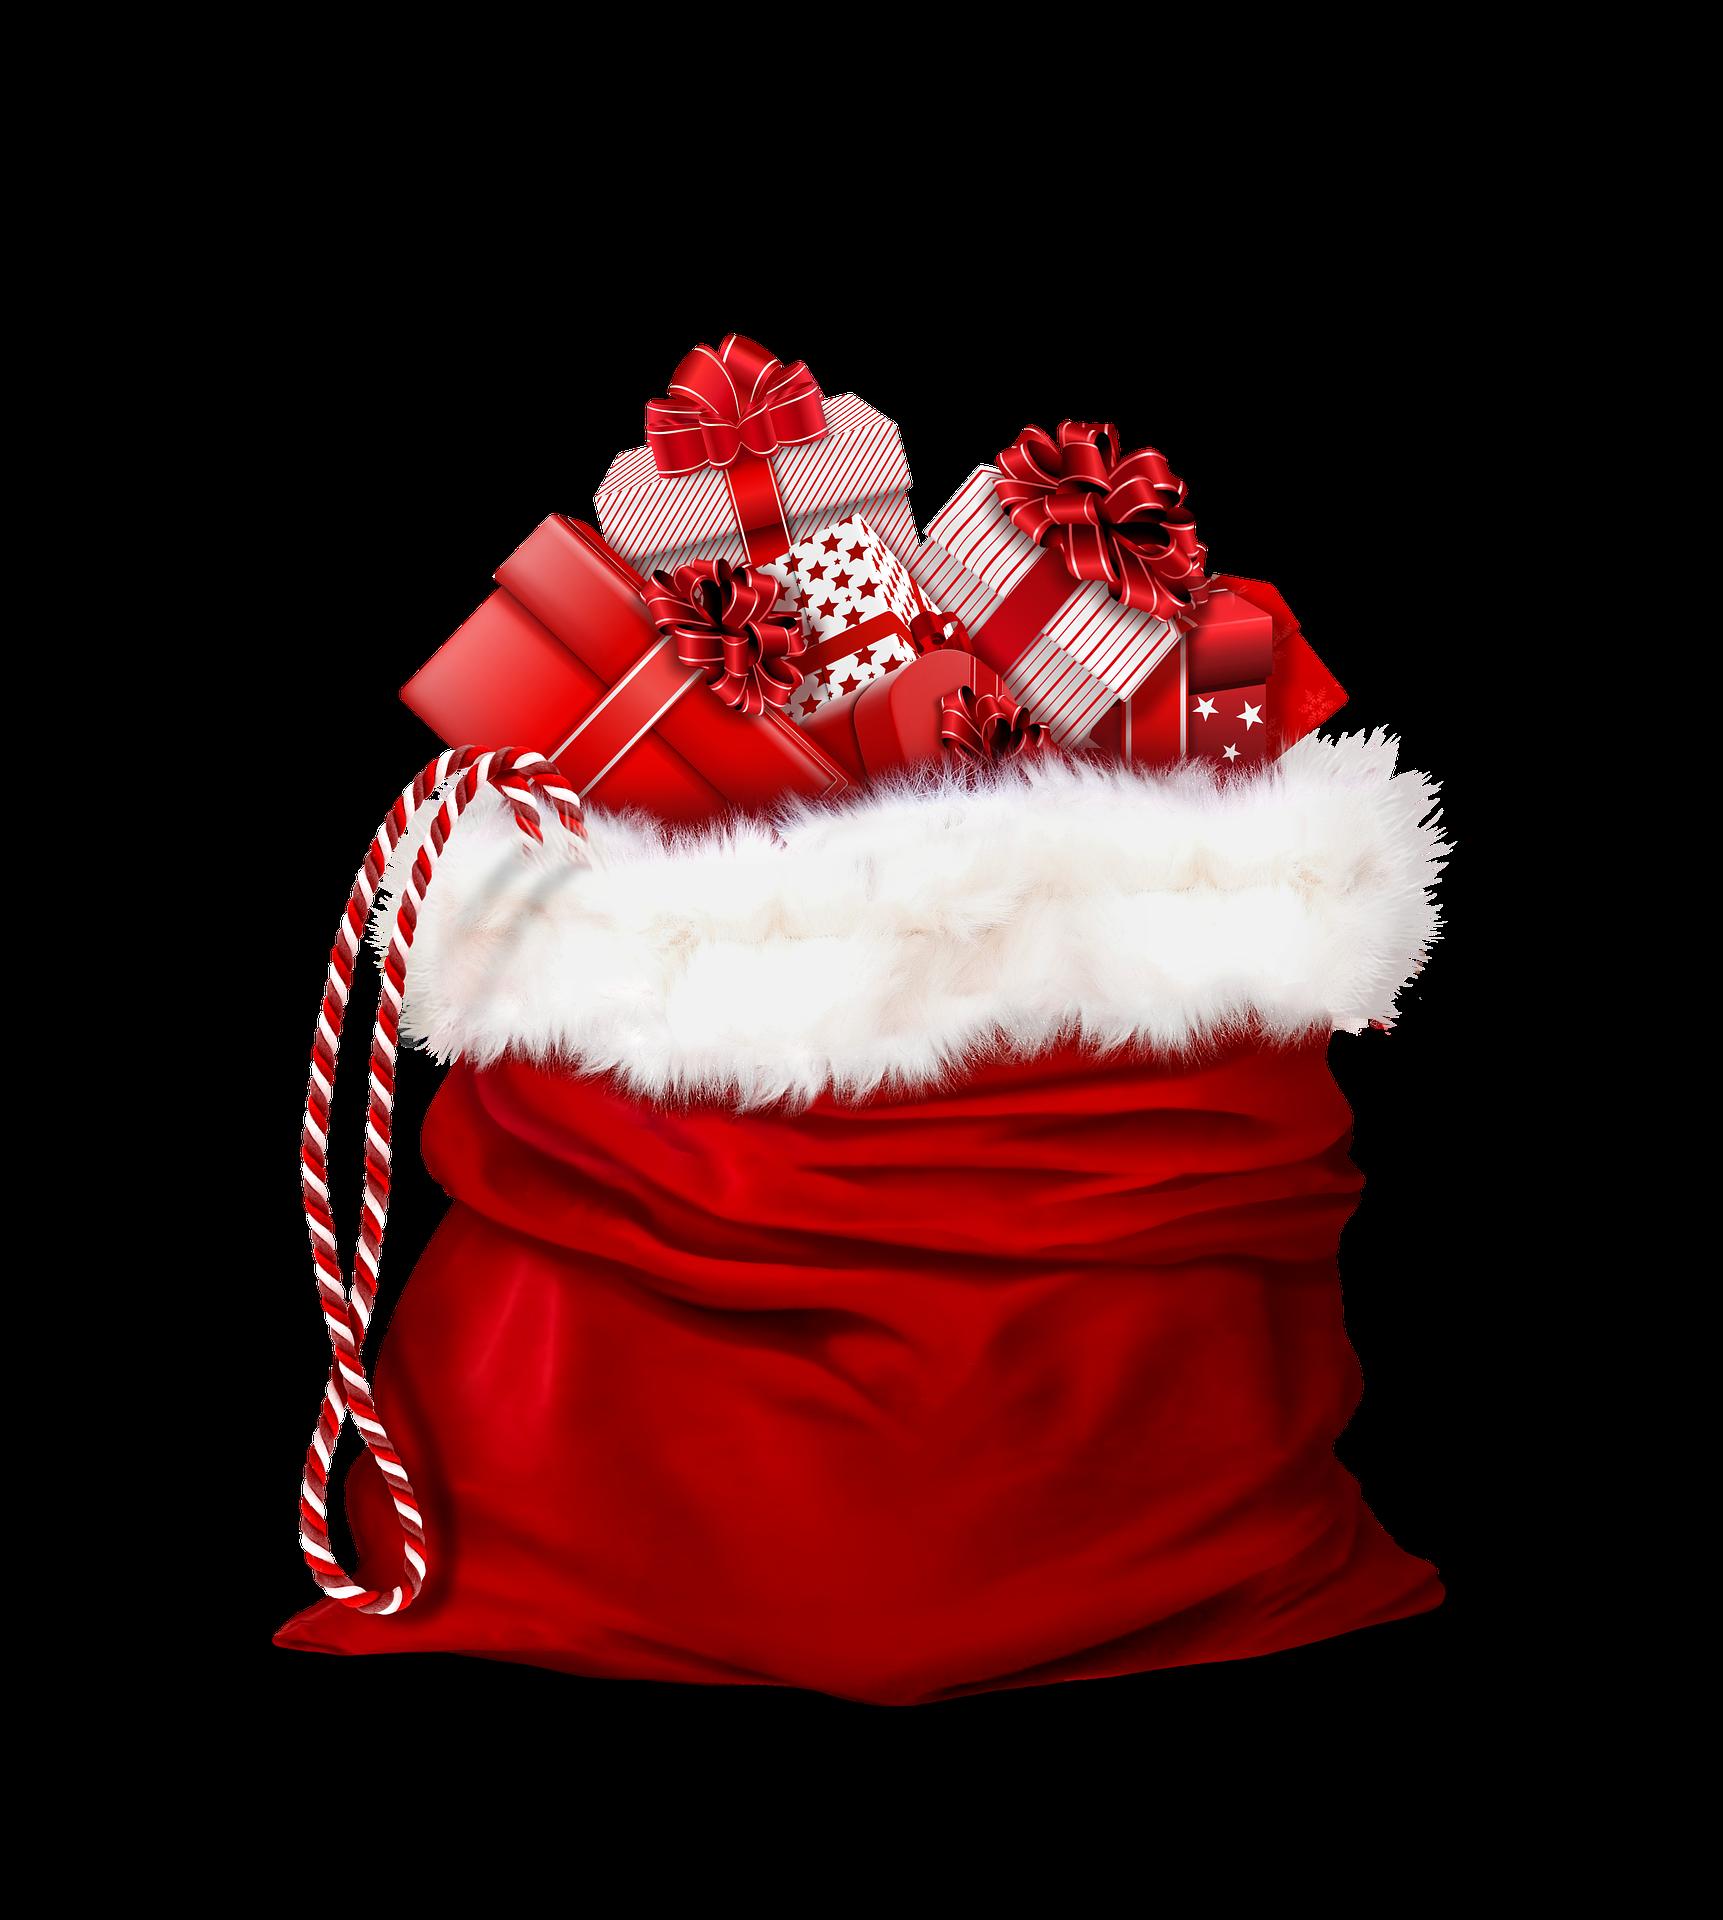 Ideen für selbstgenähte Geschenkideen für Babys und Kinder – Weihnachten 2017